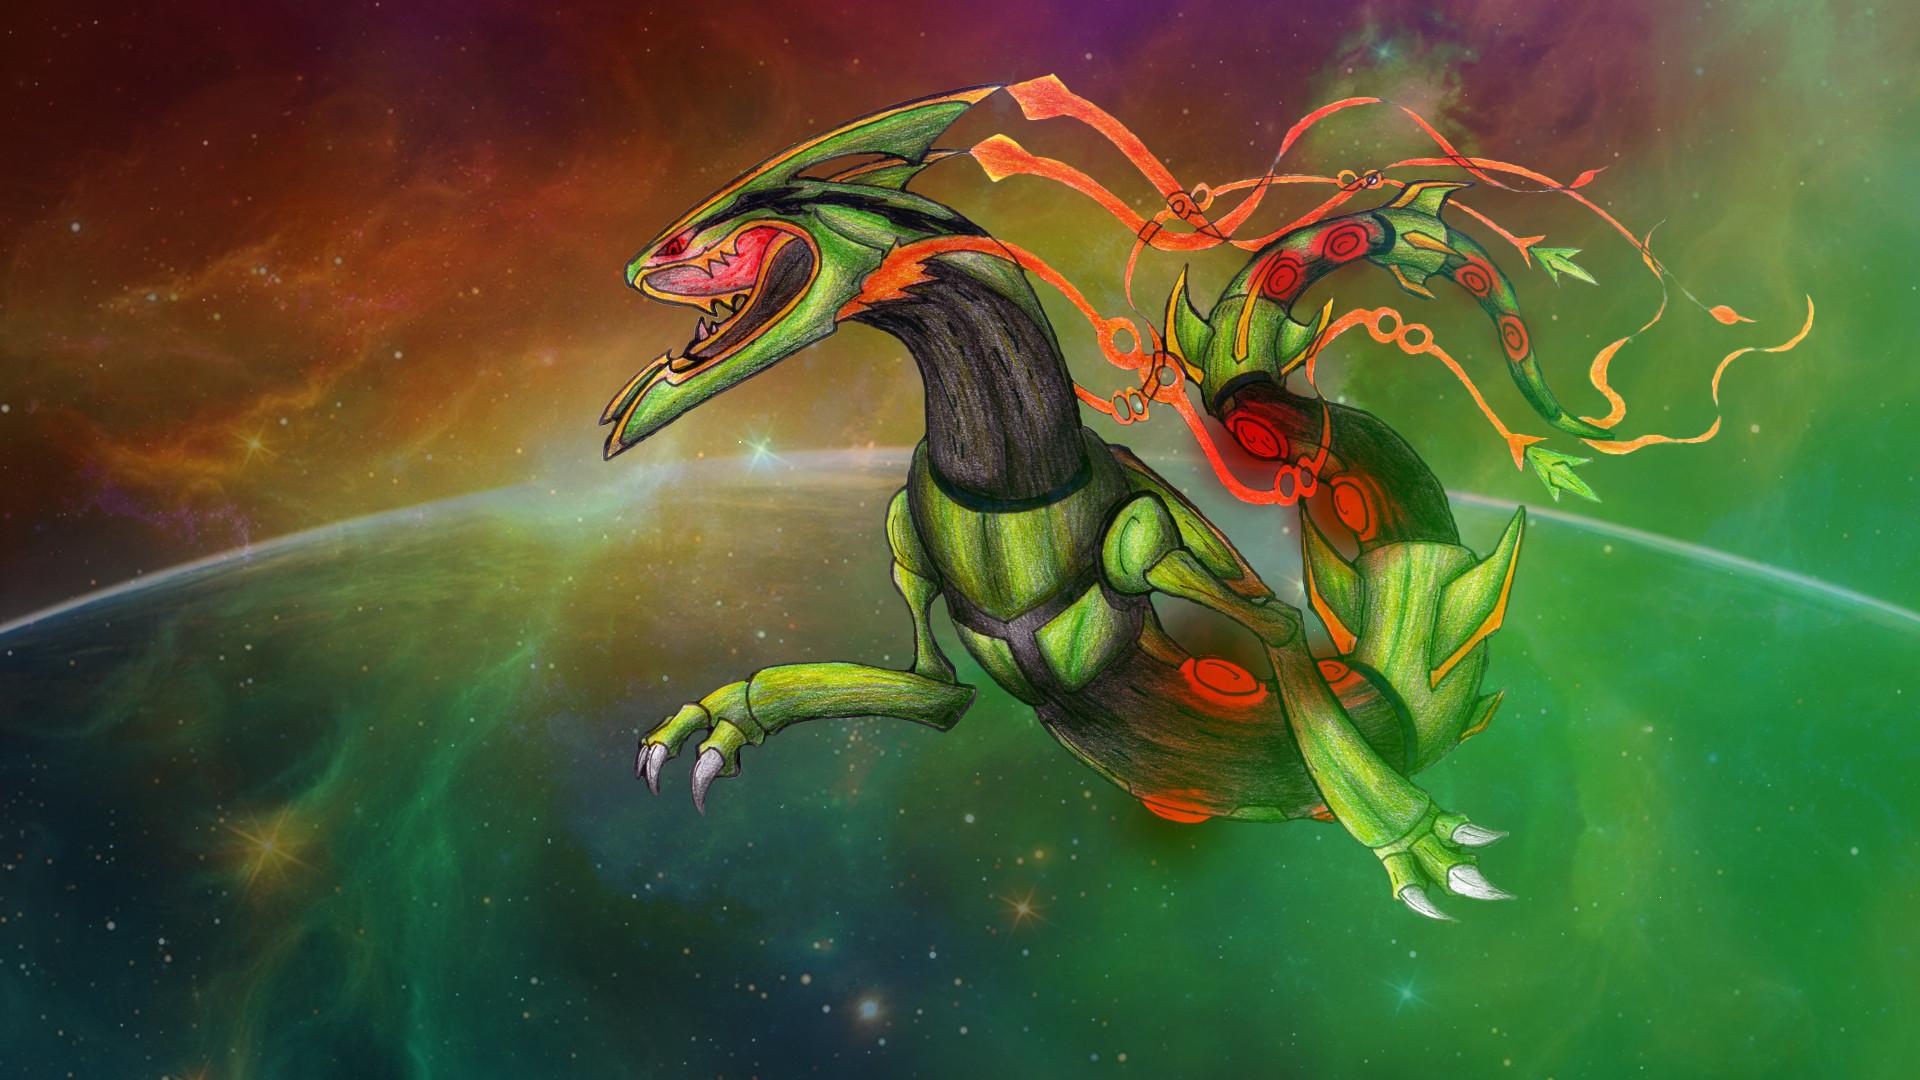 … Space Roar (Mega-Rayquaza FanArt)-Wallpaper by lululock71